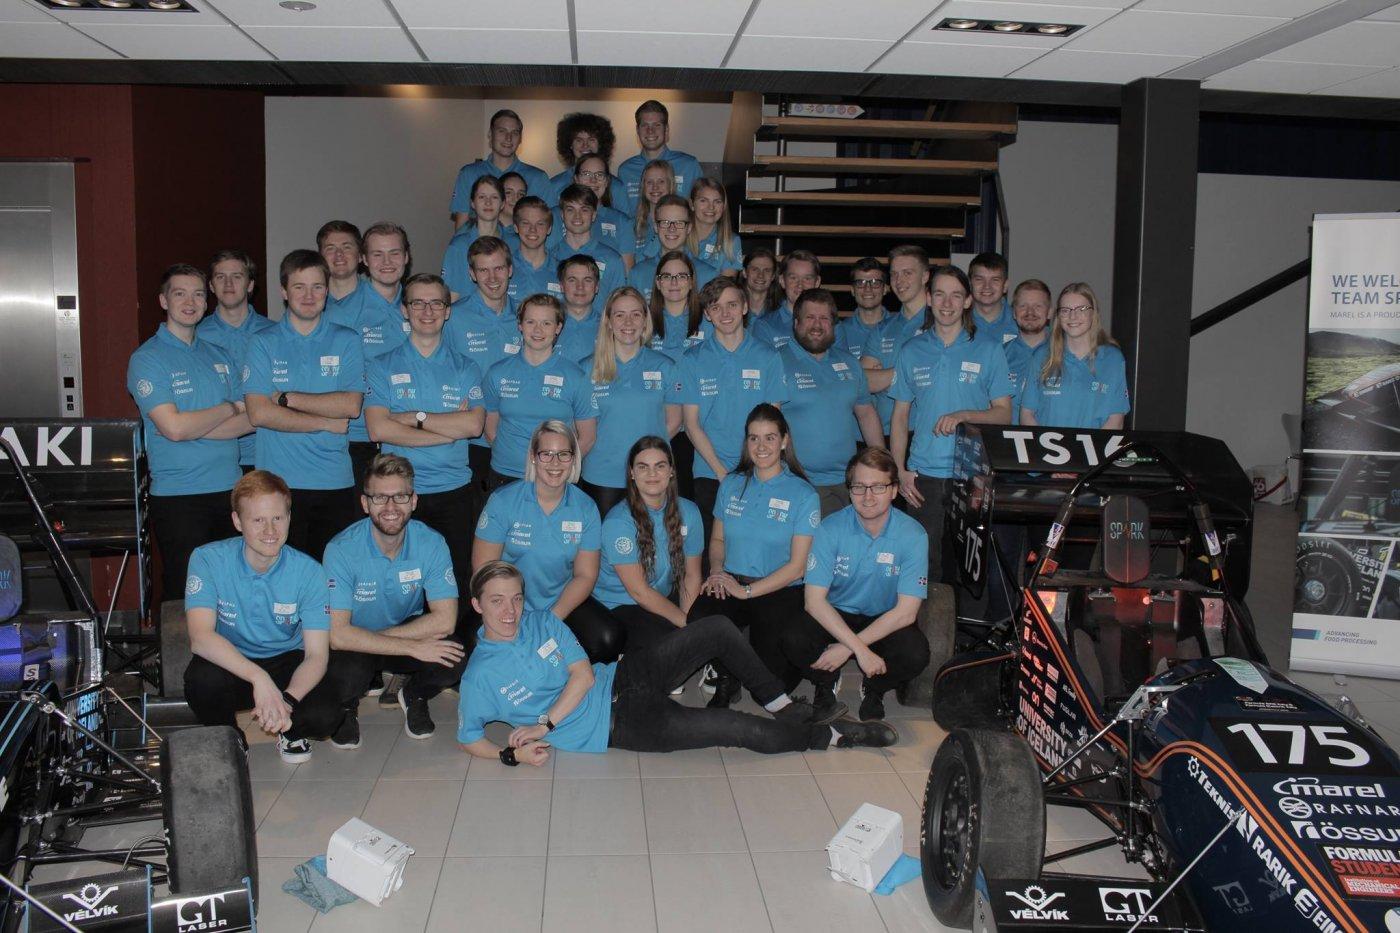 Team Spark liðar